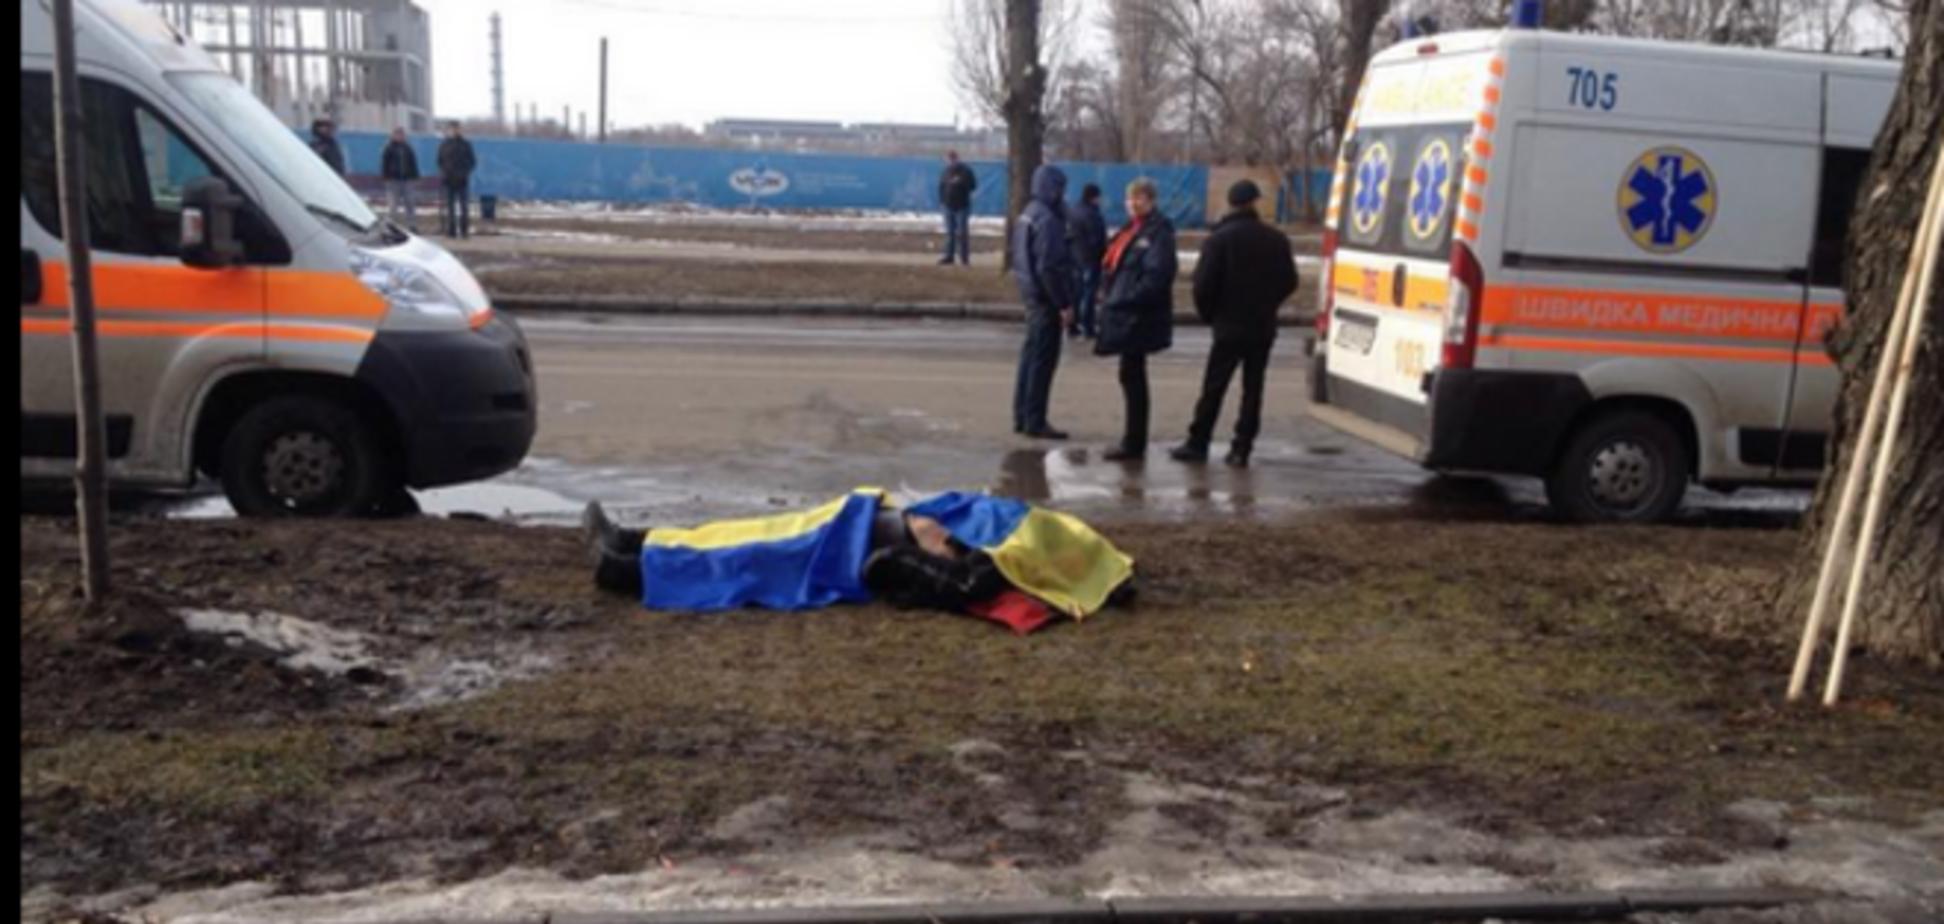 МВД назвало взрыв в Харькове во время мирного шествия терактом: опубликованы фото и видео